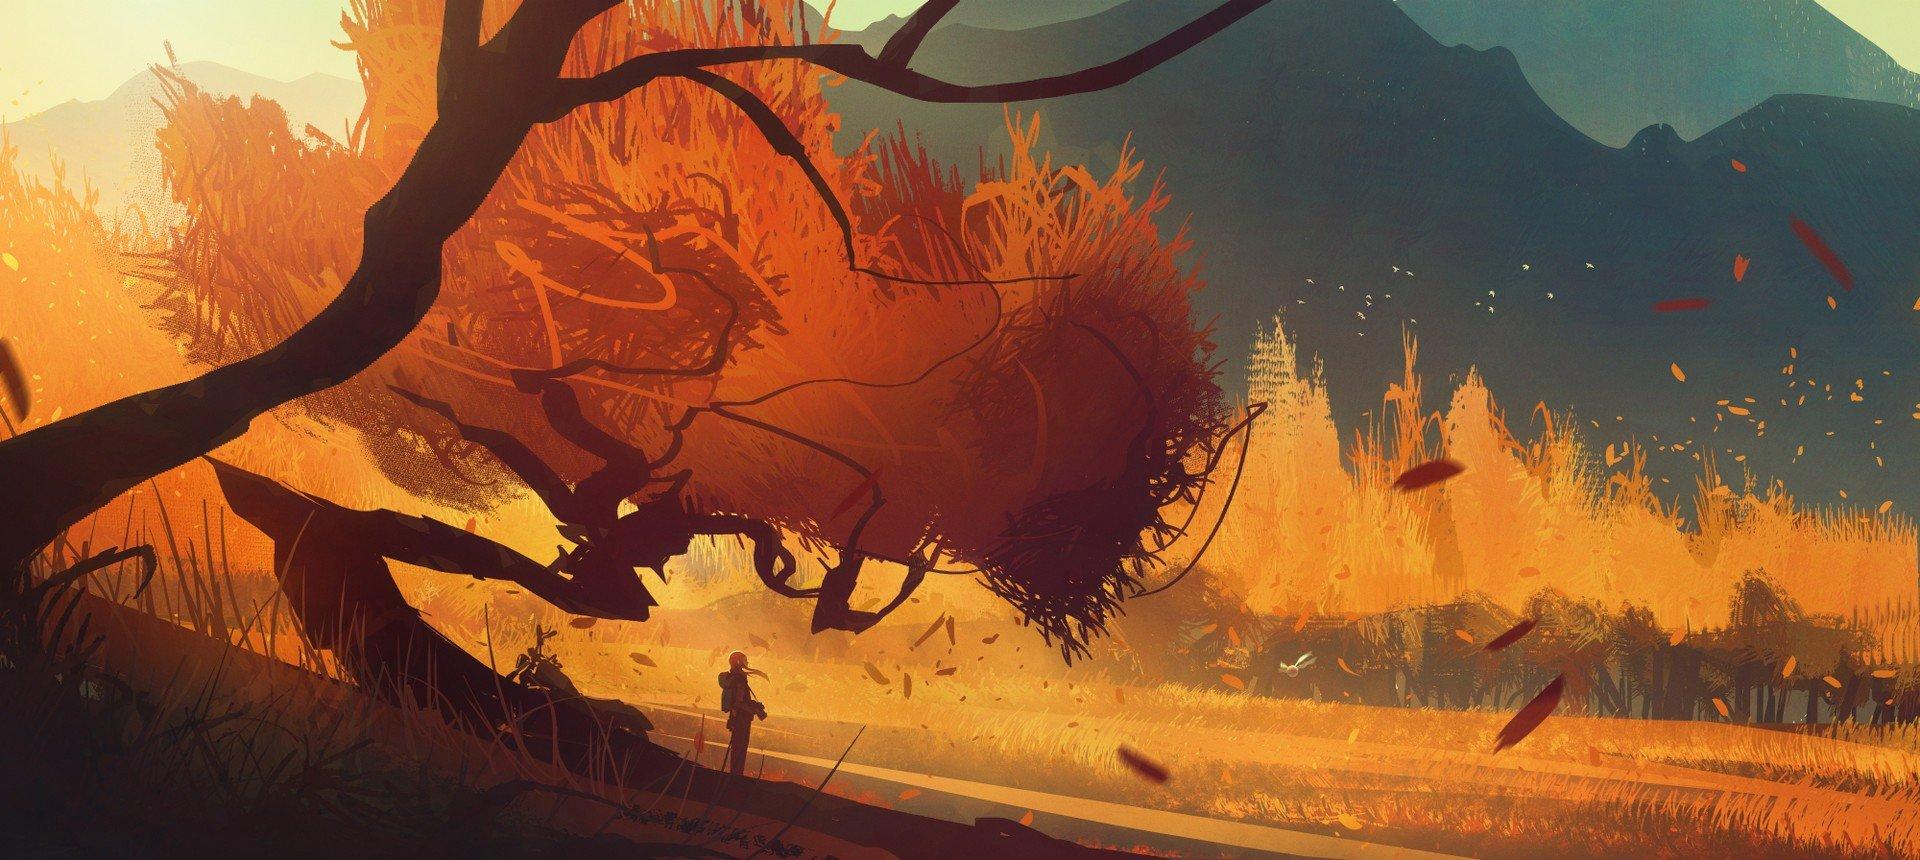 artwork, Fantasy art, Illustration, Sunset Wallpaper